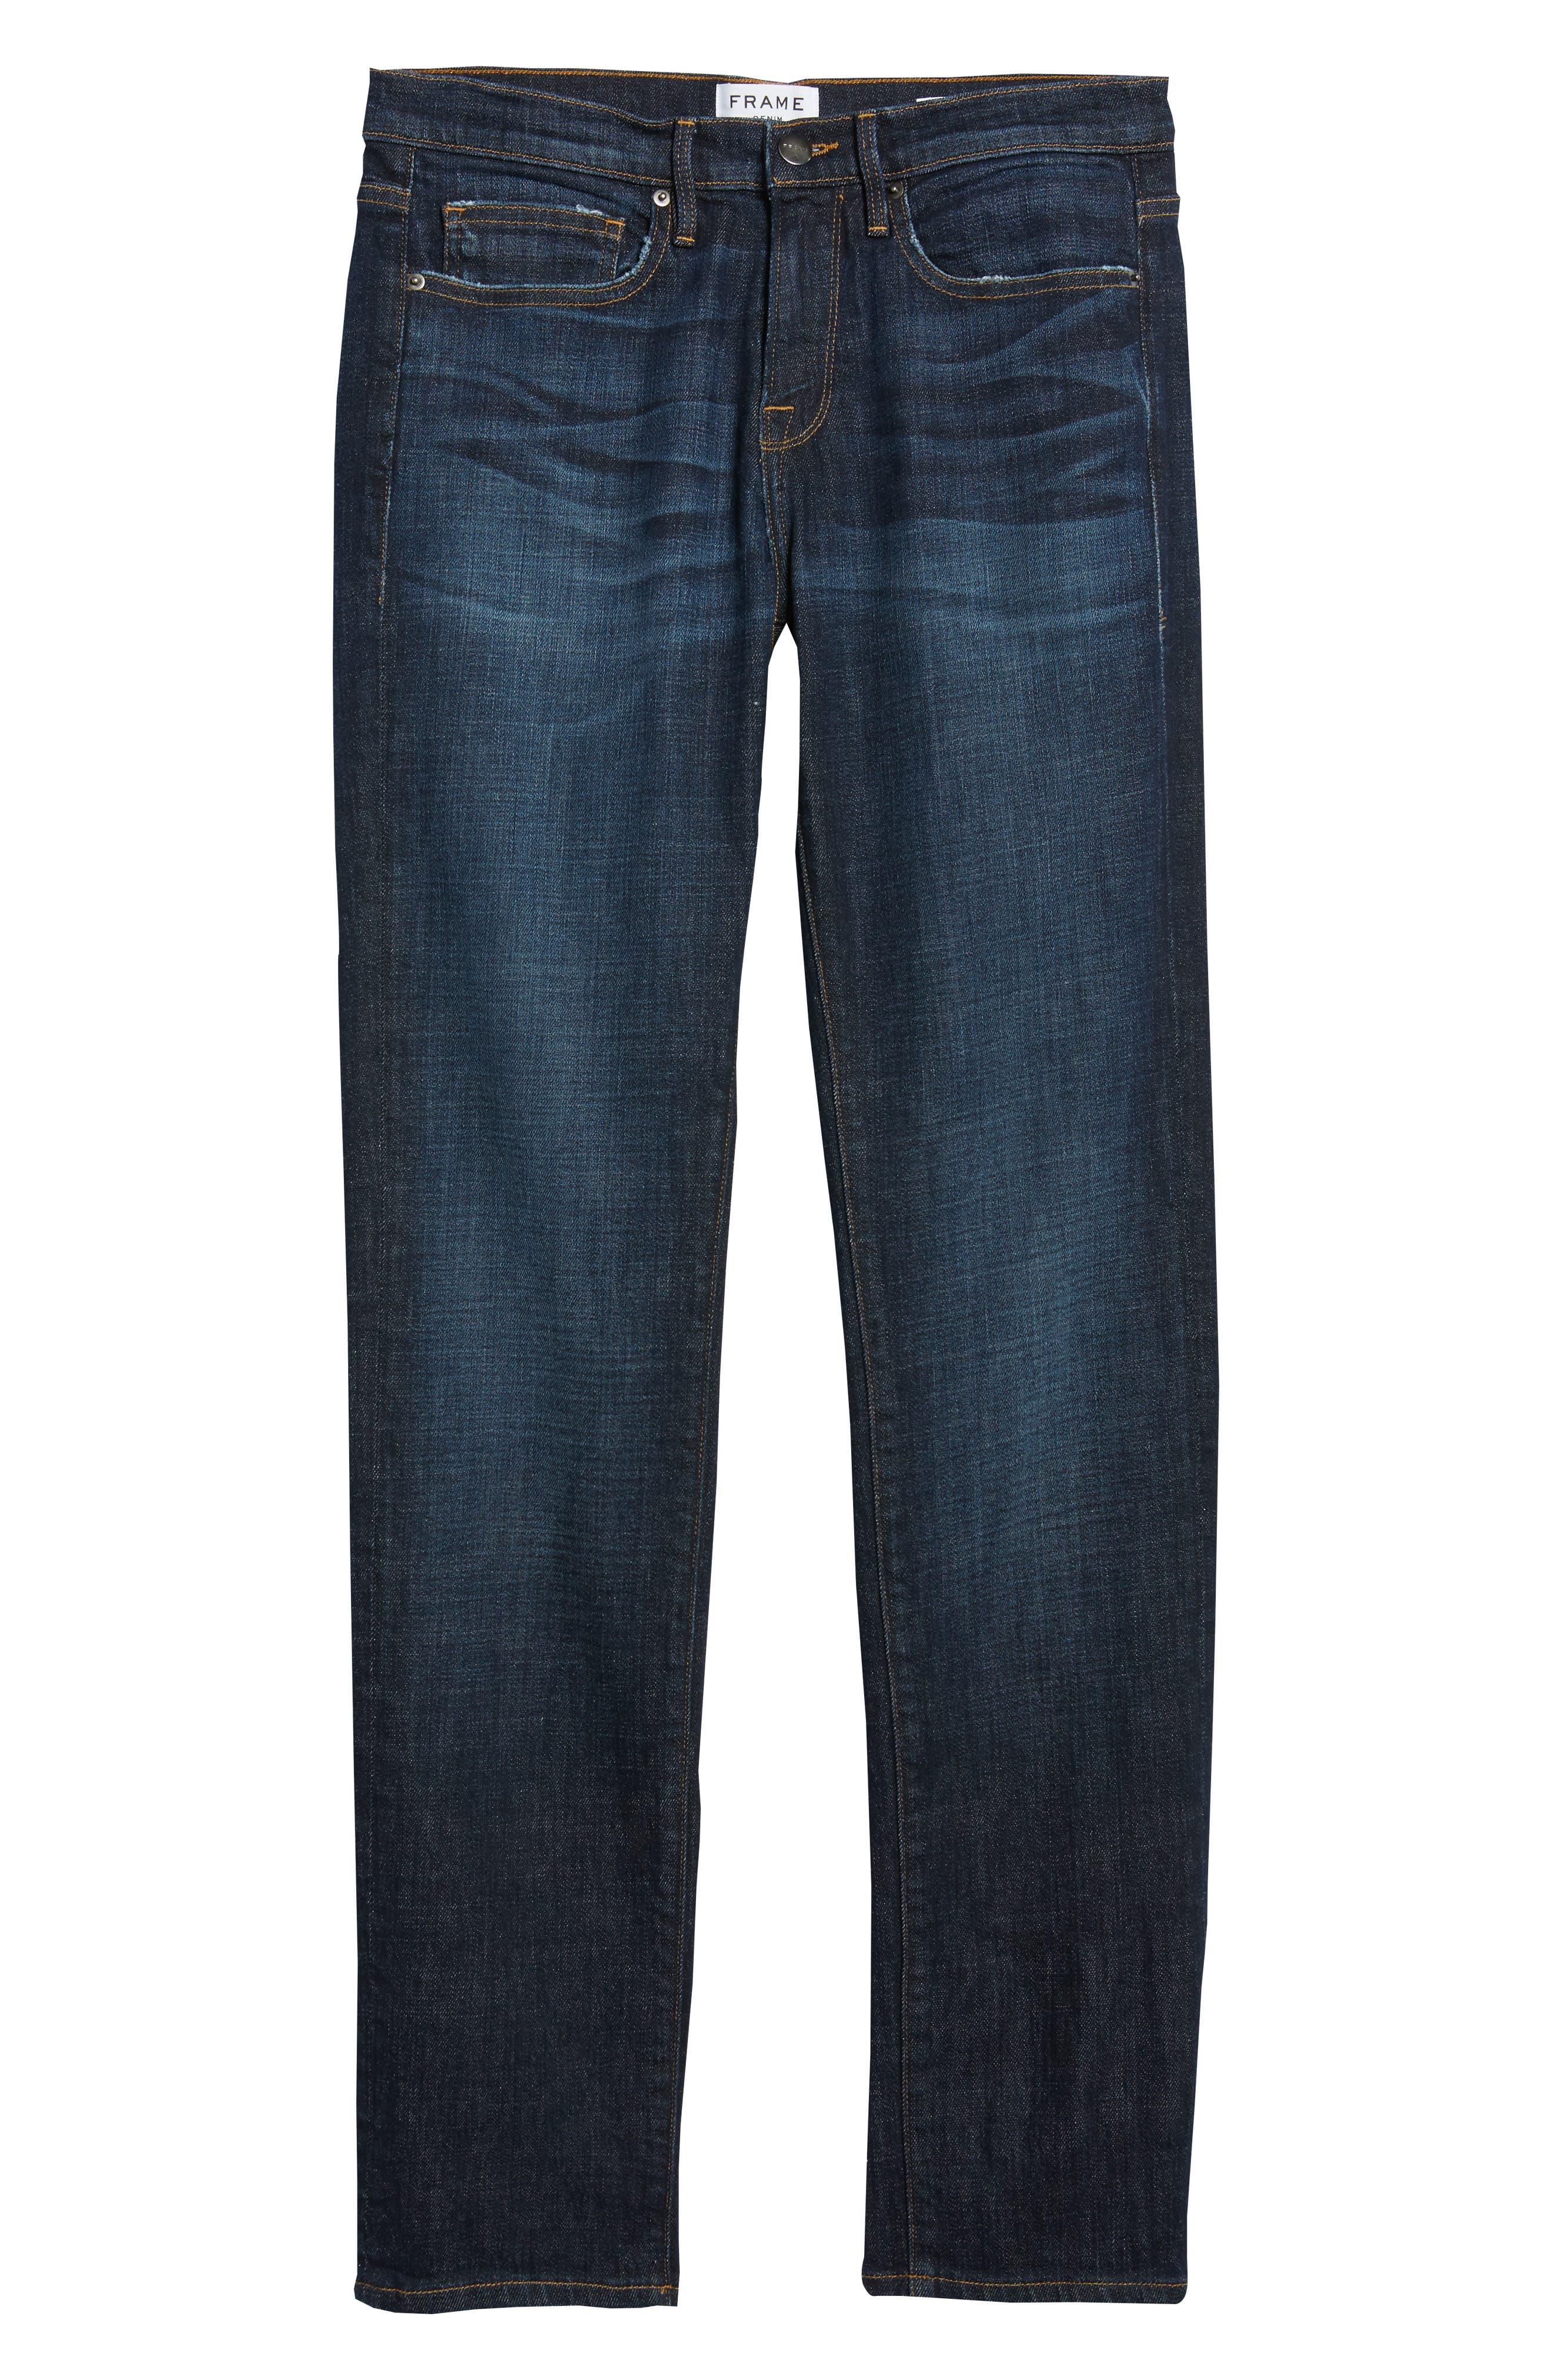 L'Homme Slim Fit Jeans,                             Alternate thumbnail 6, color,                             421